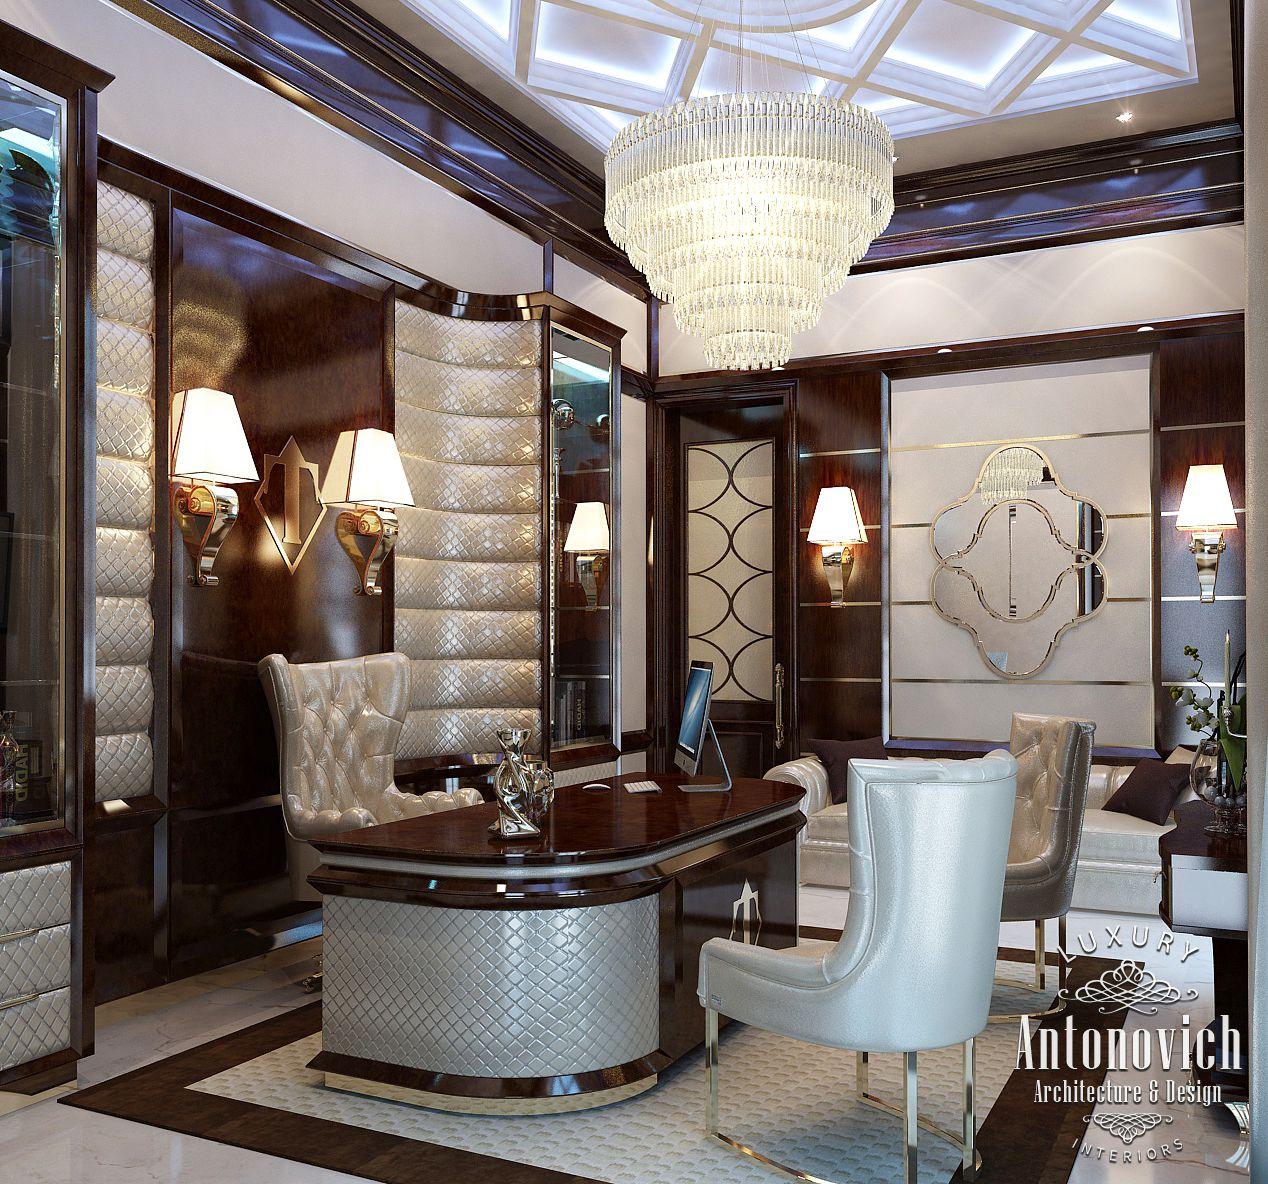 LUXURY ANTONOVICH DESIGN UAE Office Interior from Luxury Antonovich Design